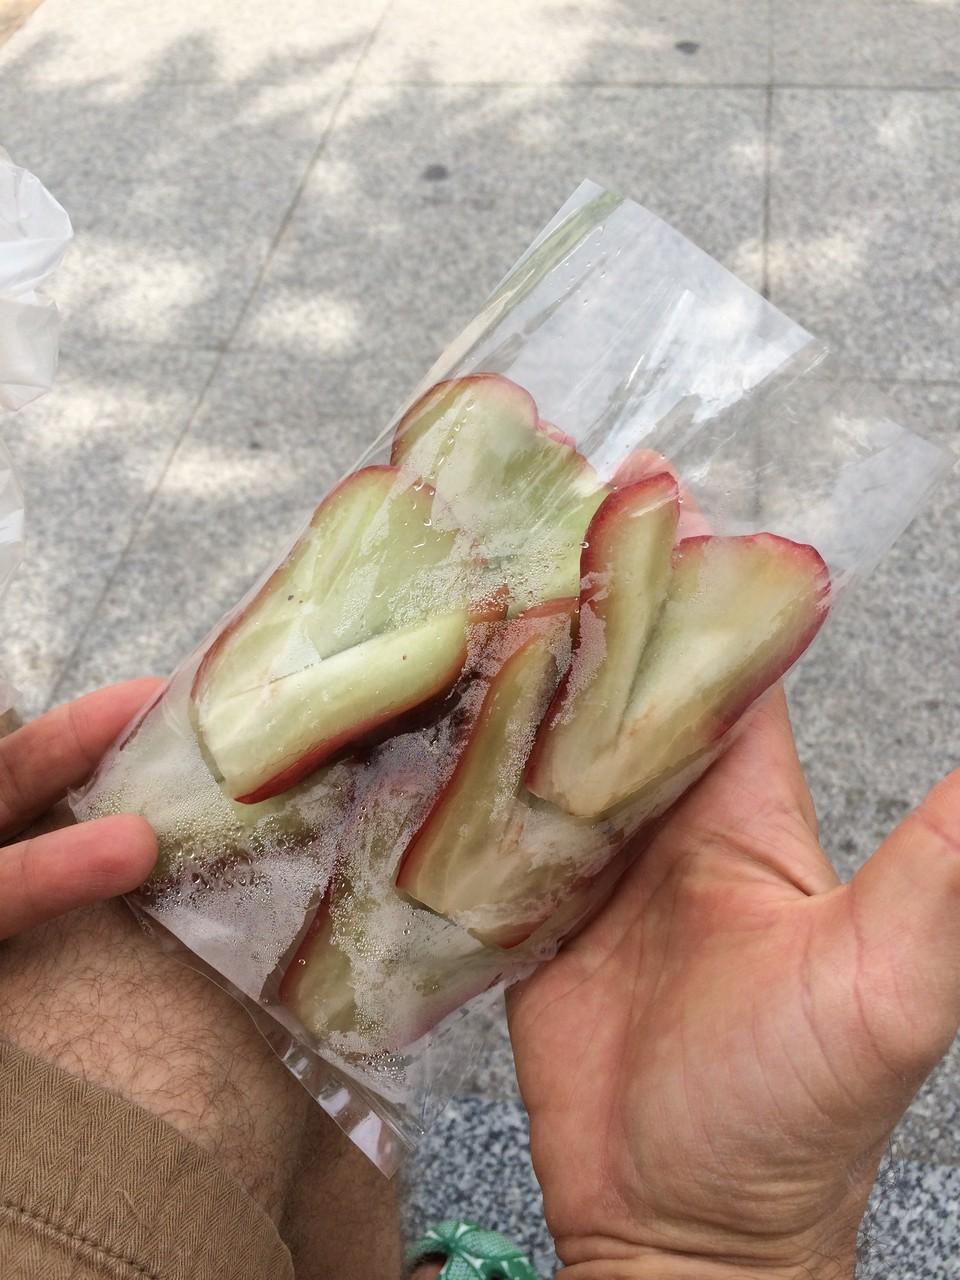 タイのりんご。外側に縦溝が入っている。味はあっさり。ジューシー。甘みは少ない。